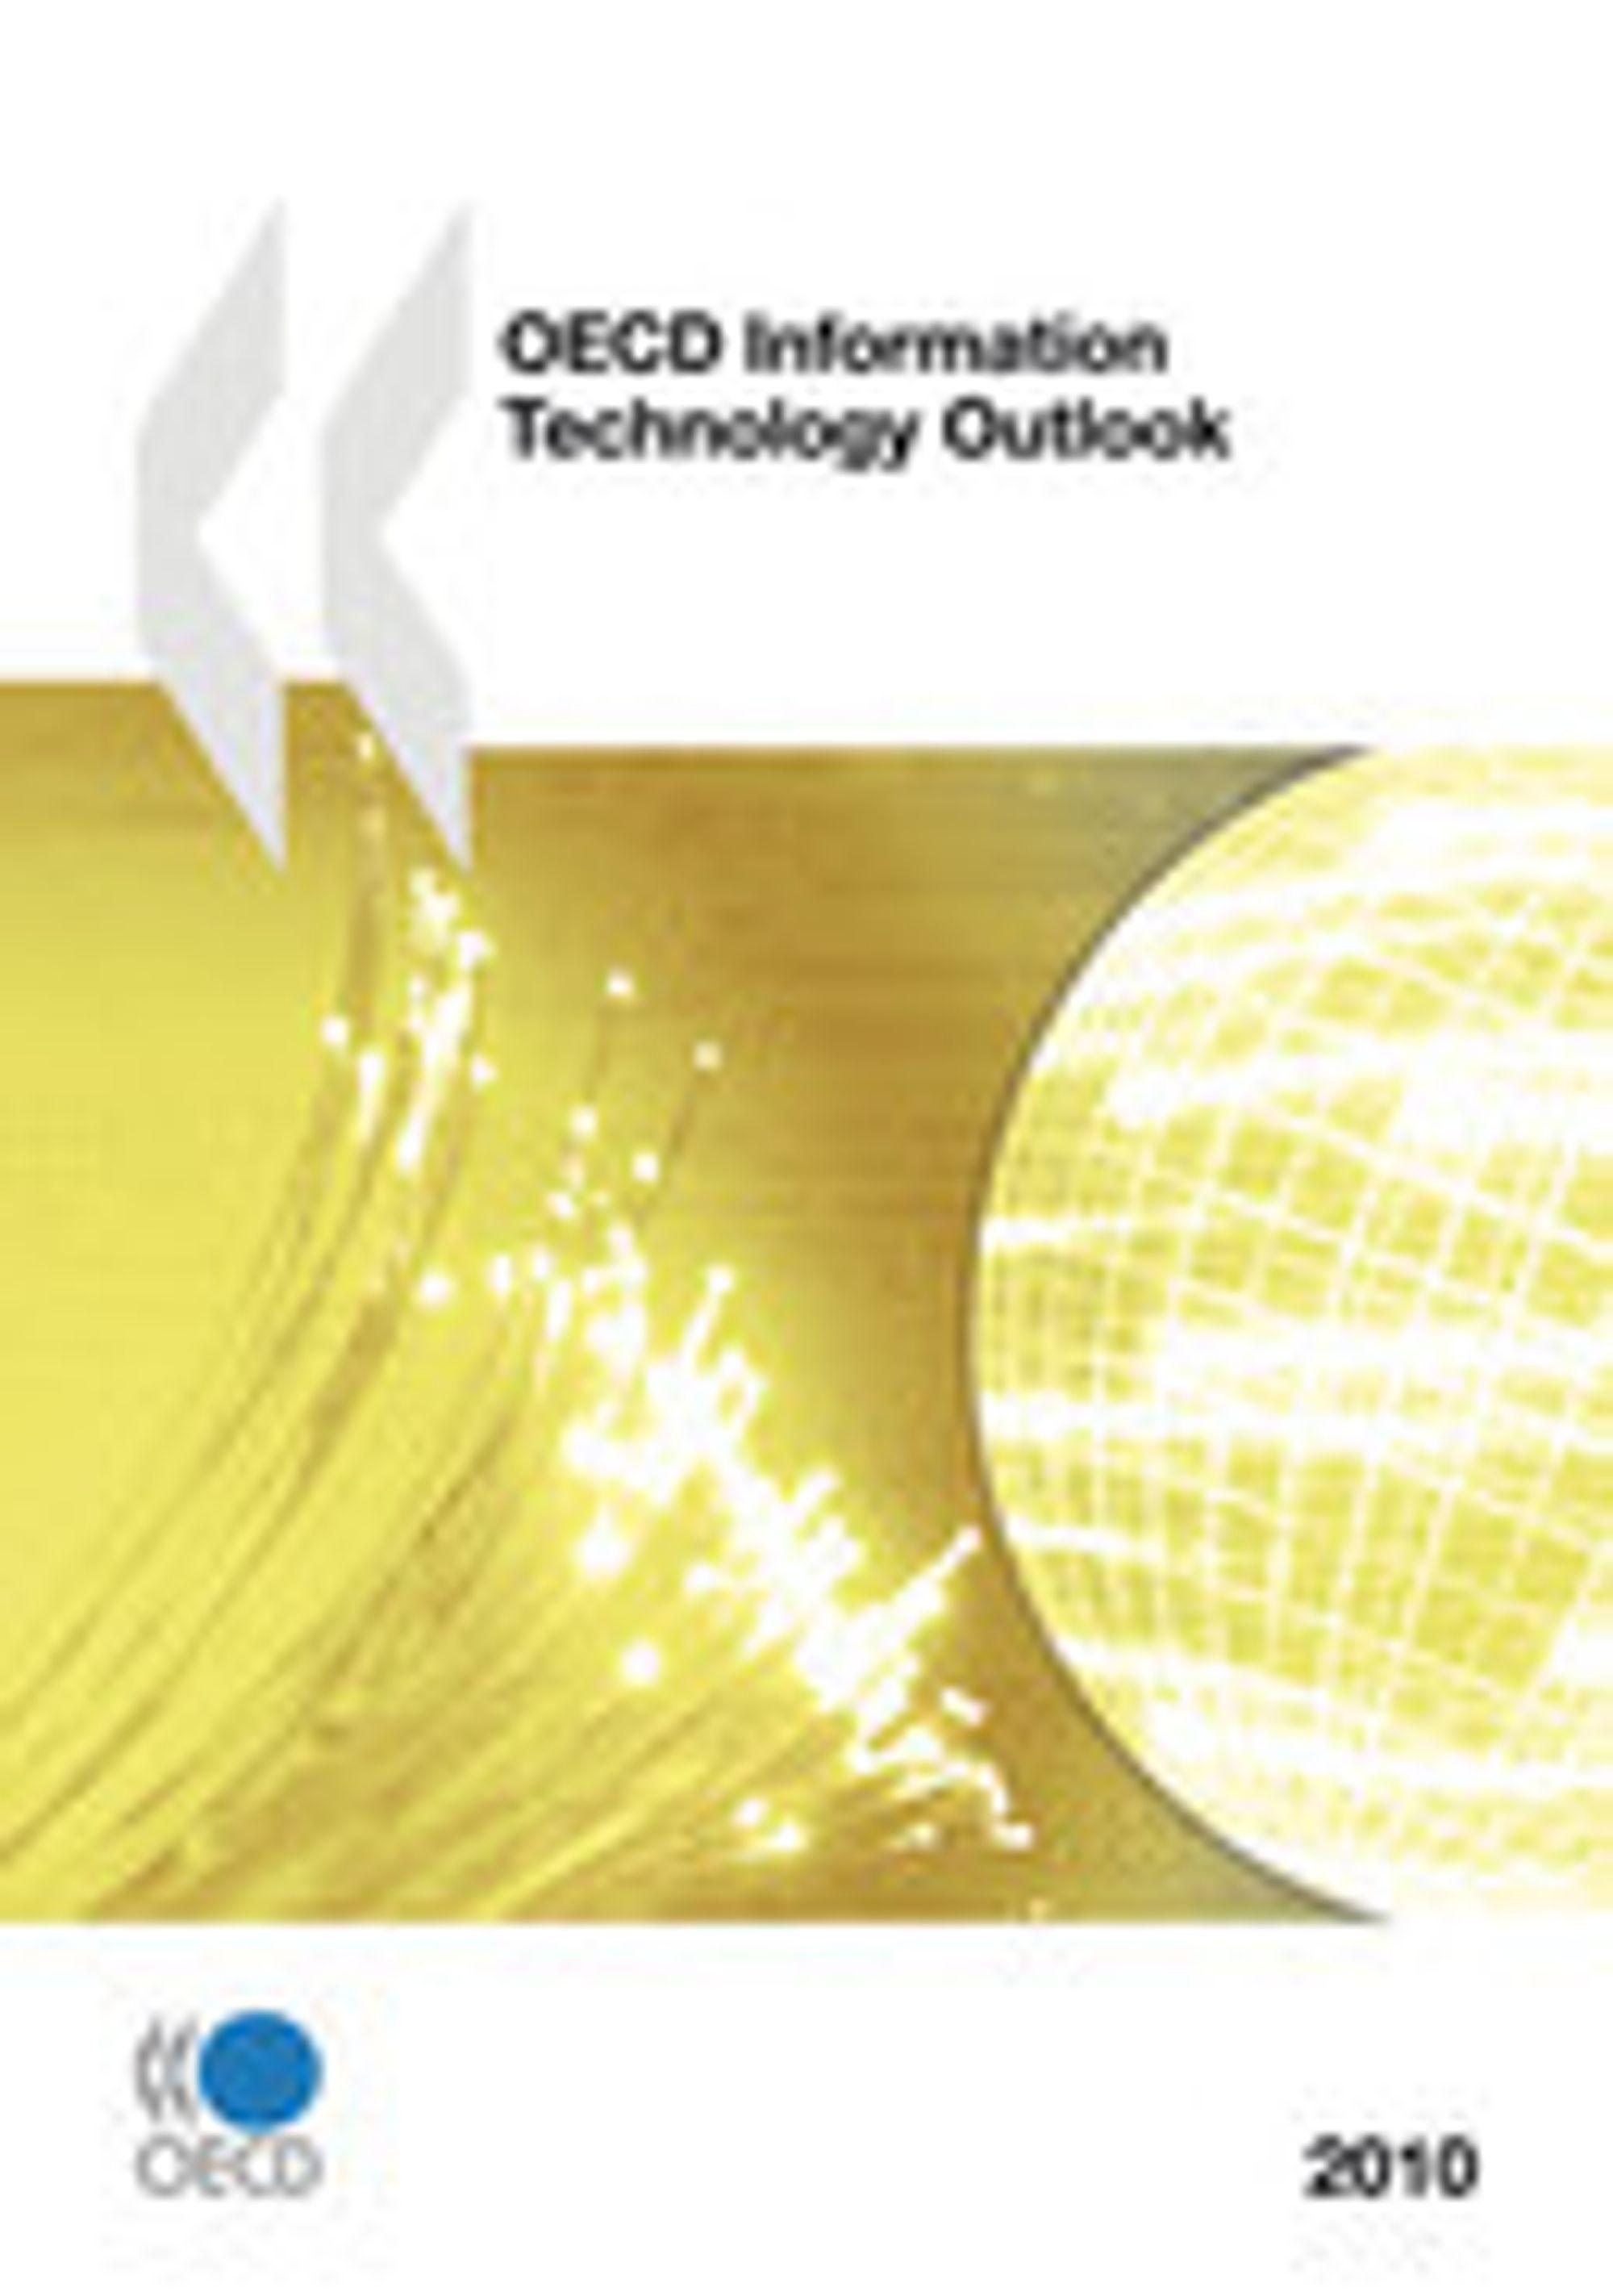 En 11 siders oppsummering av OECD Information Technology Outlook 2010 kan lastes ned gratis.